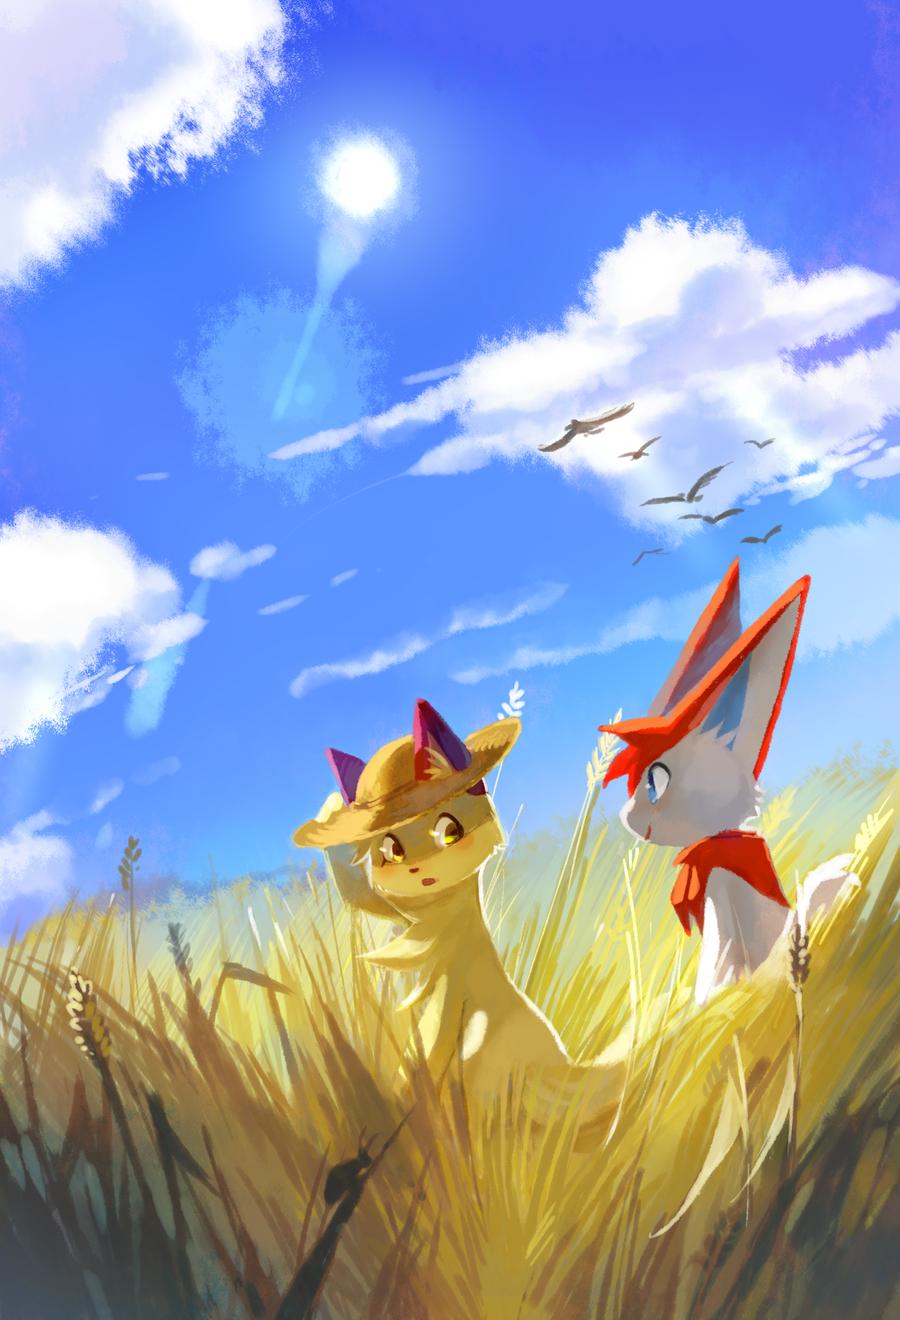 It's summer! by oO-Kir-Oo